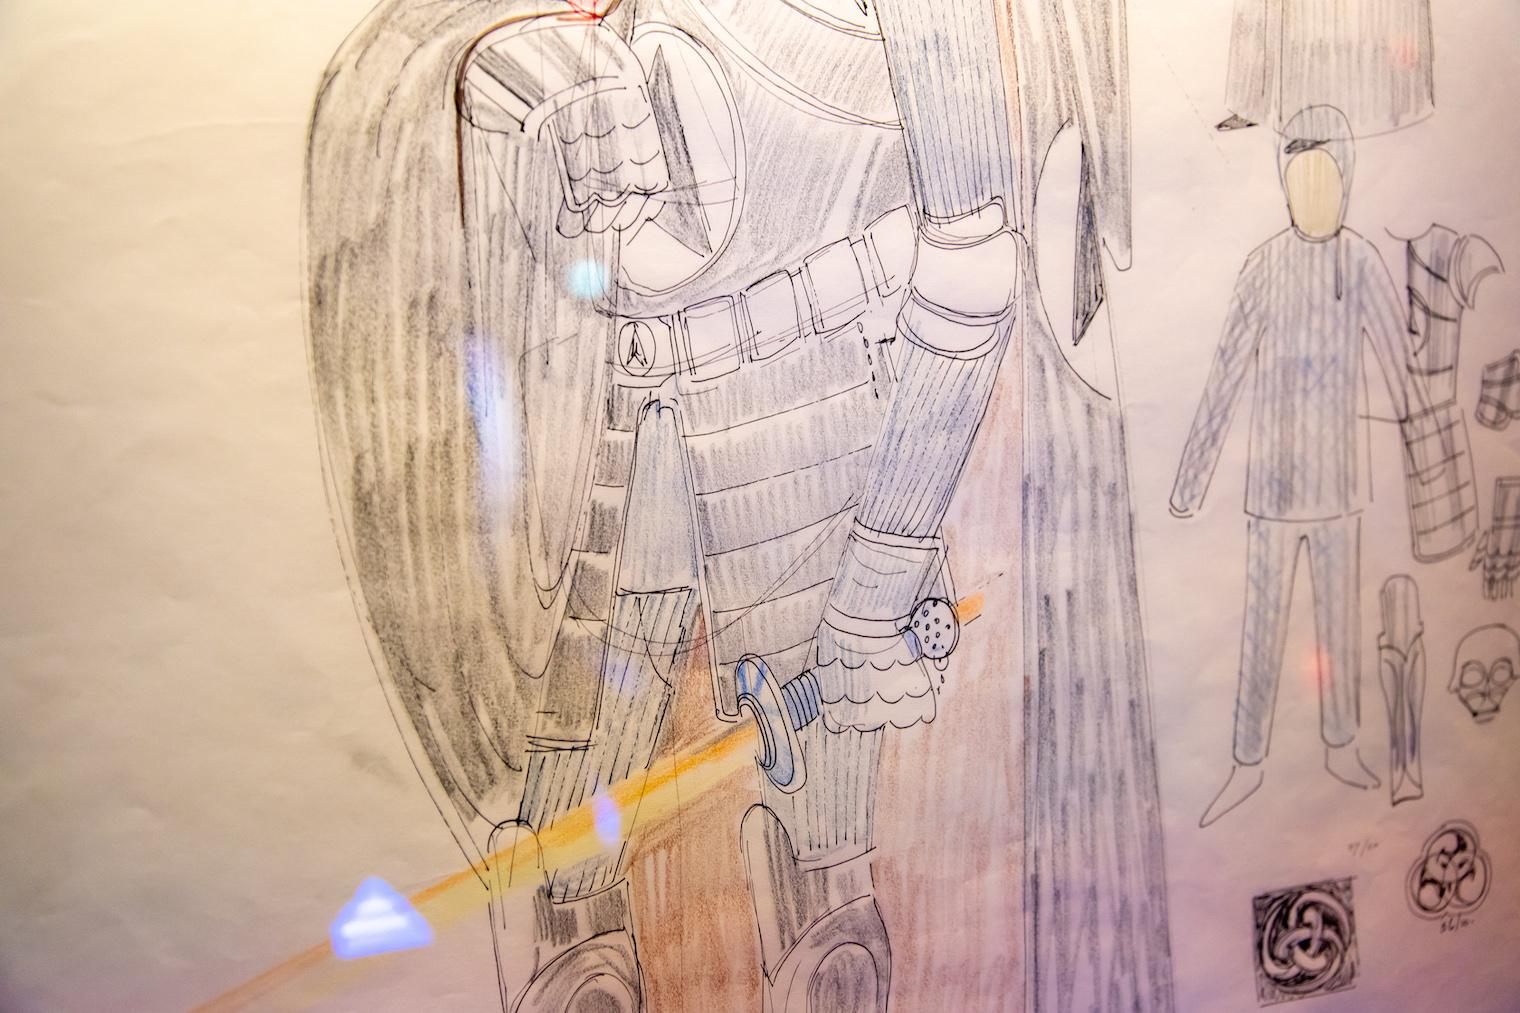 ダース・ベイダーのコンセプト・アート